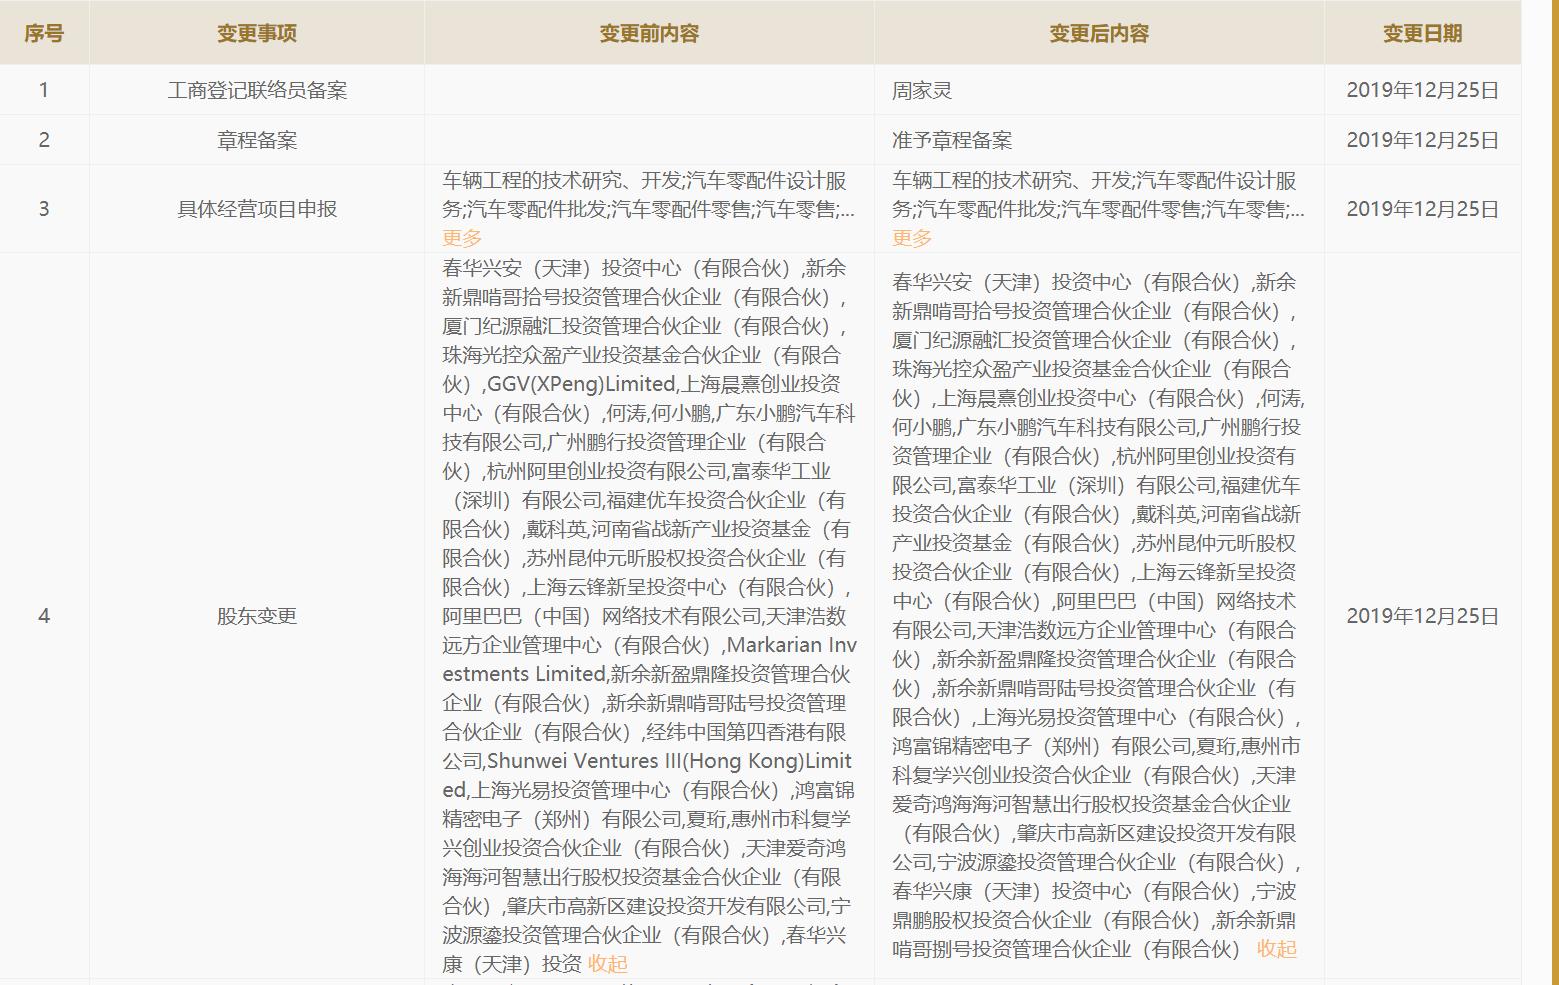 外资股东退出,小鹏汽车称属正常海外重组图片